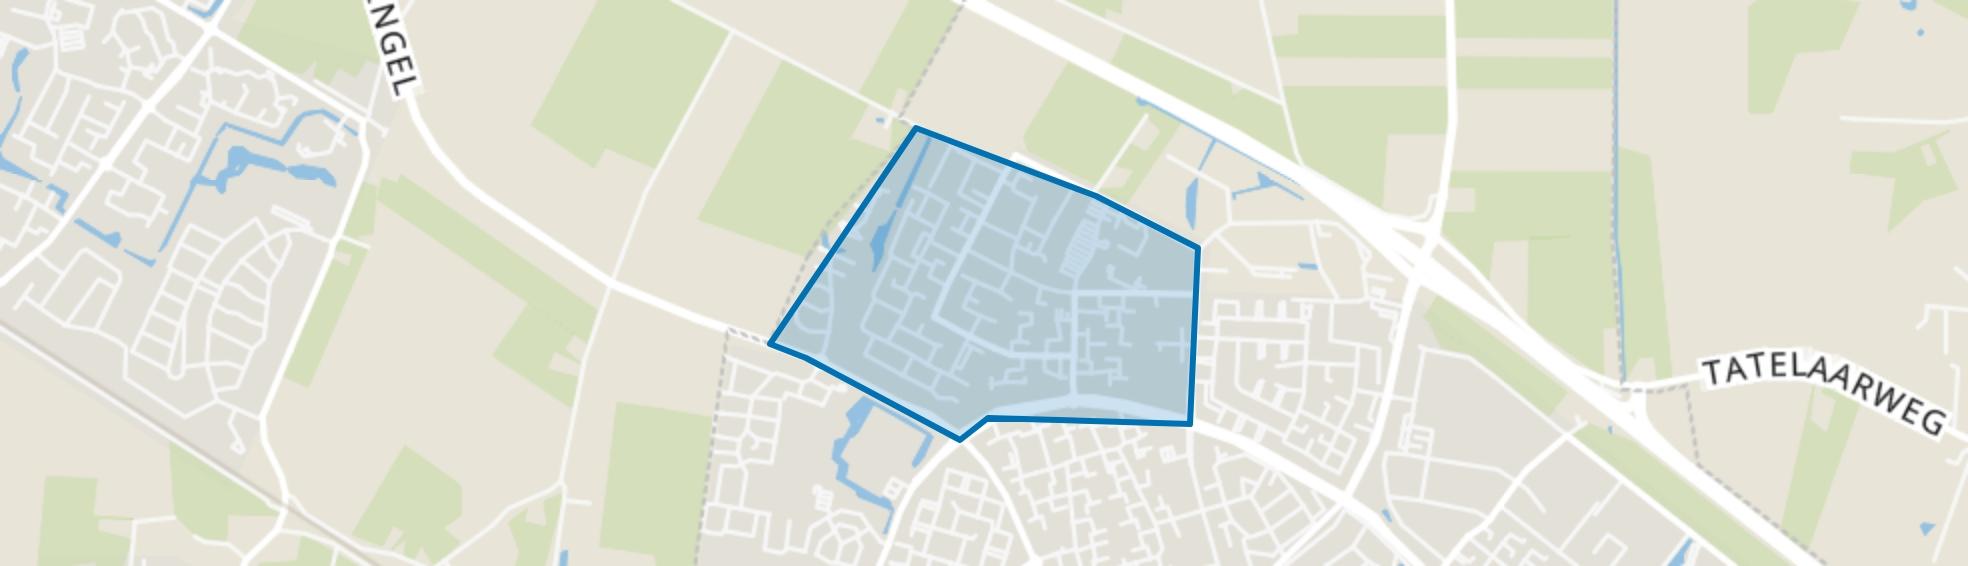 Stegeslag, Zevenaar map